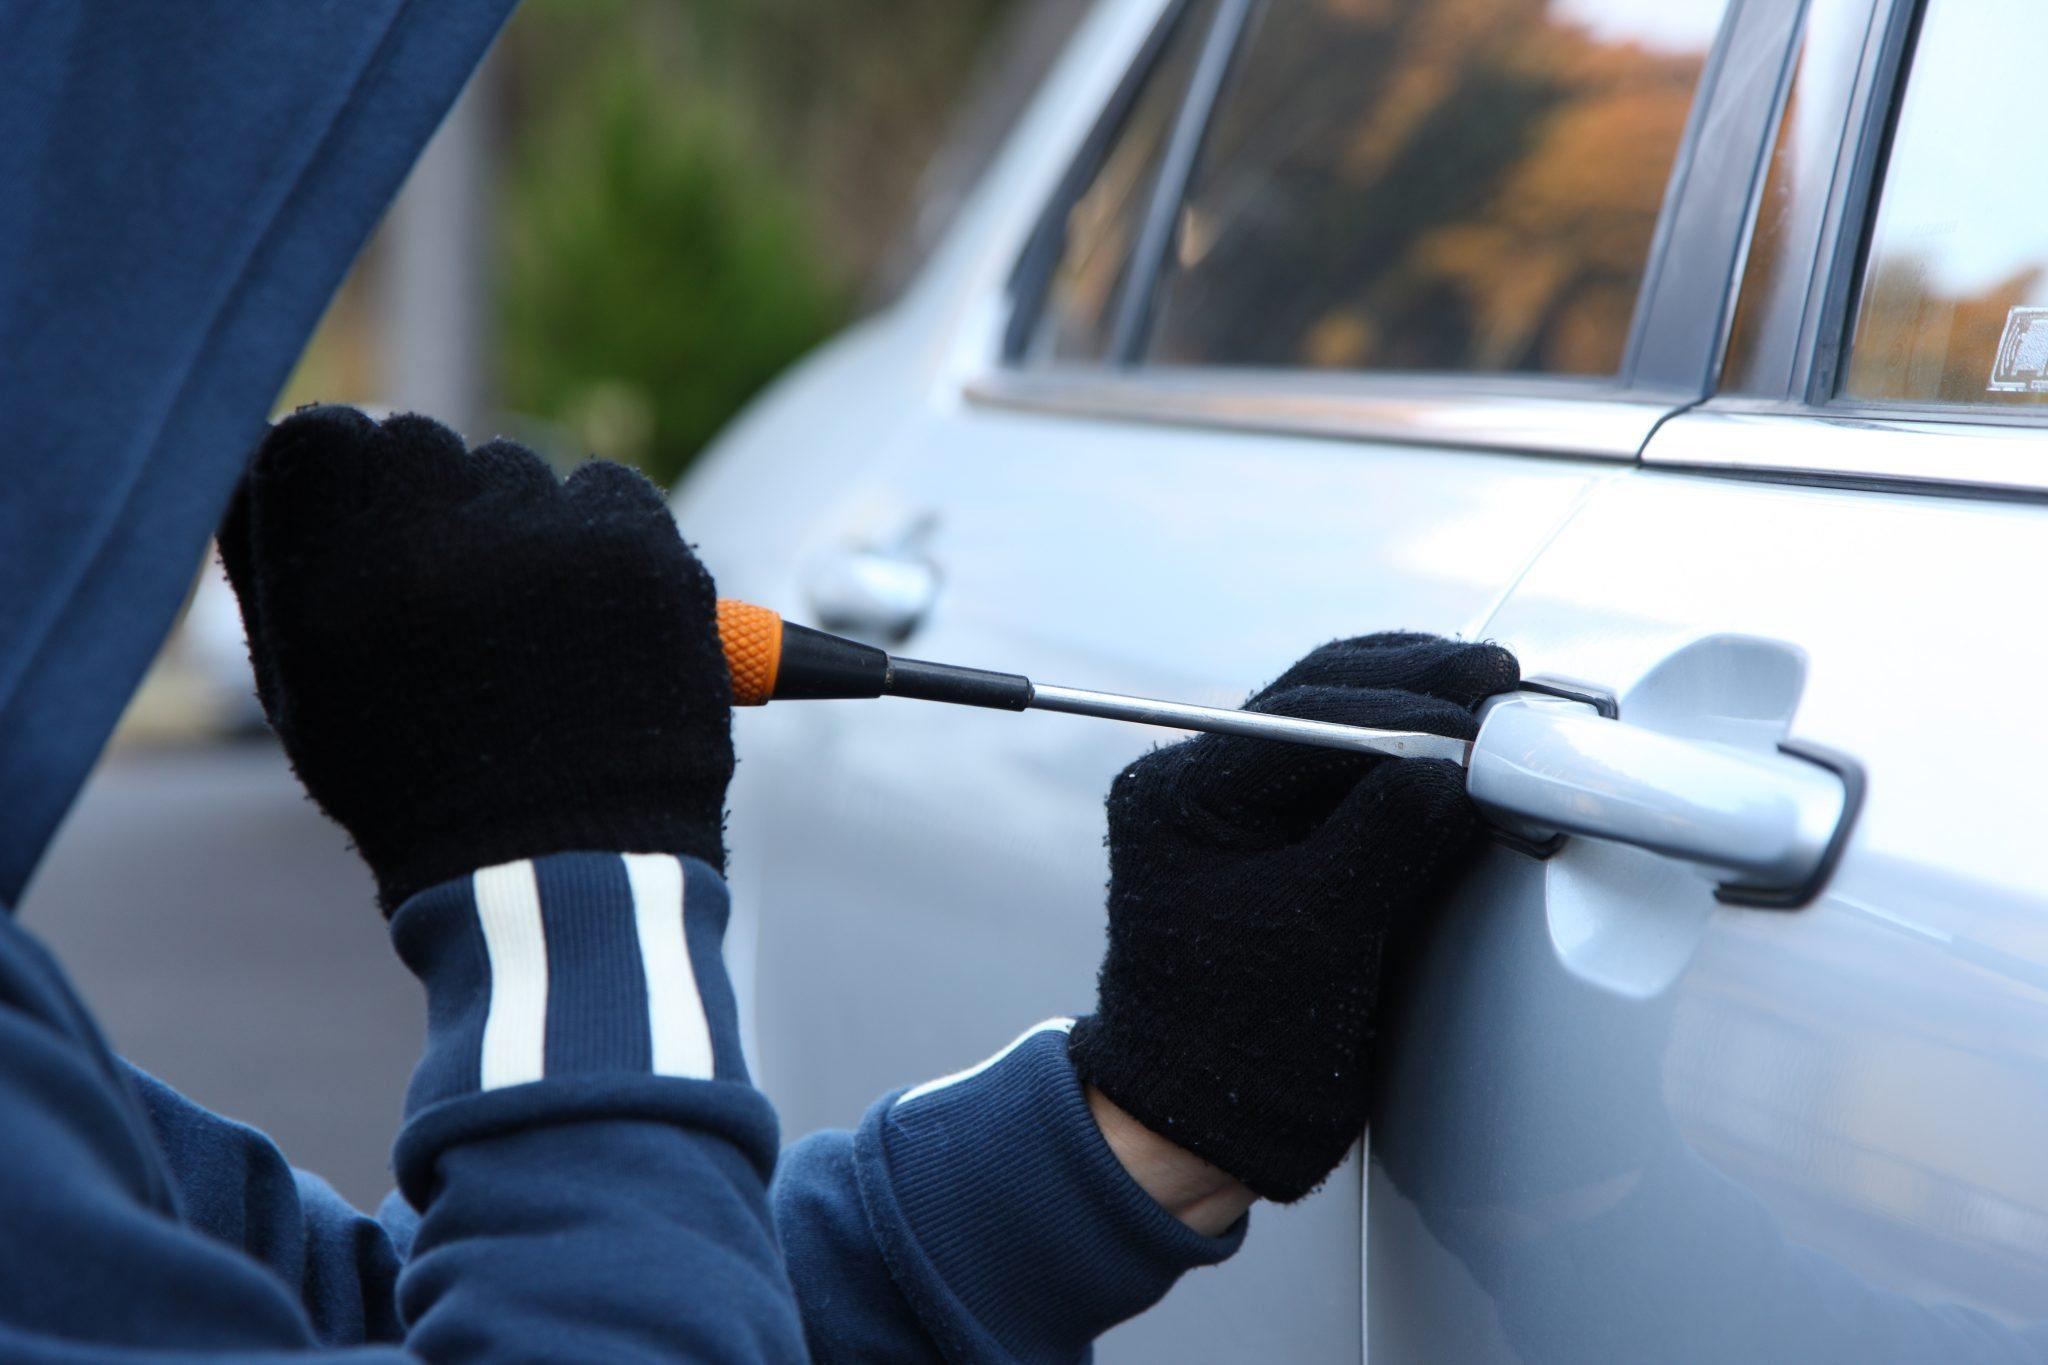 POLICE ARRESTS MEN AFTER STOLEN CAR INTERCEPTED ZipFM - Stolen car